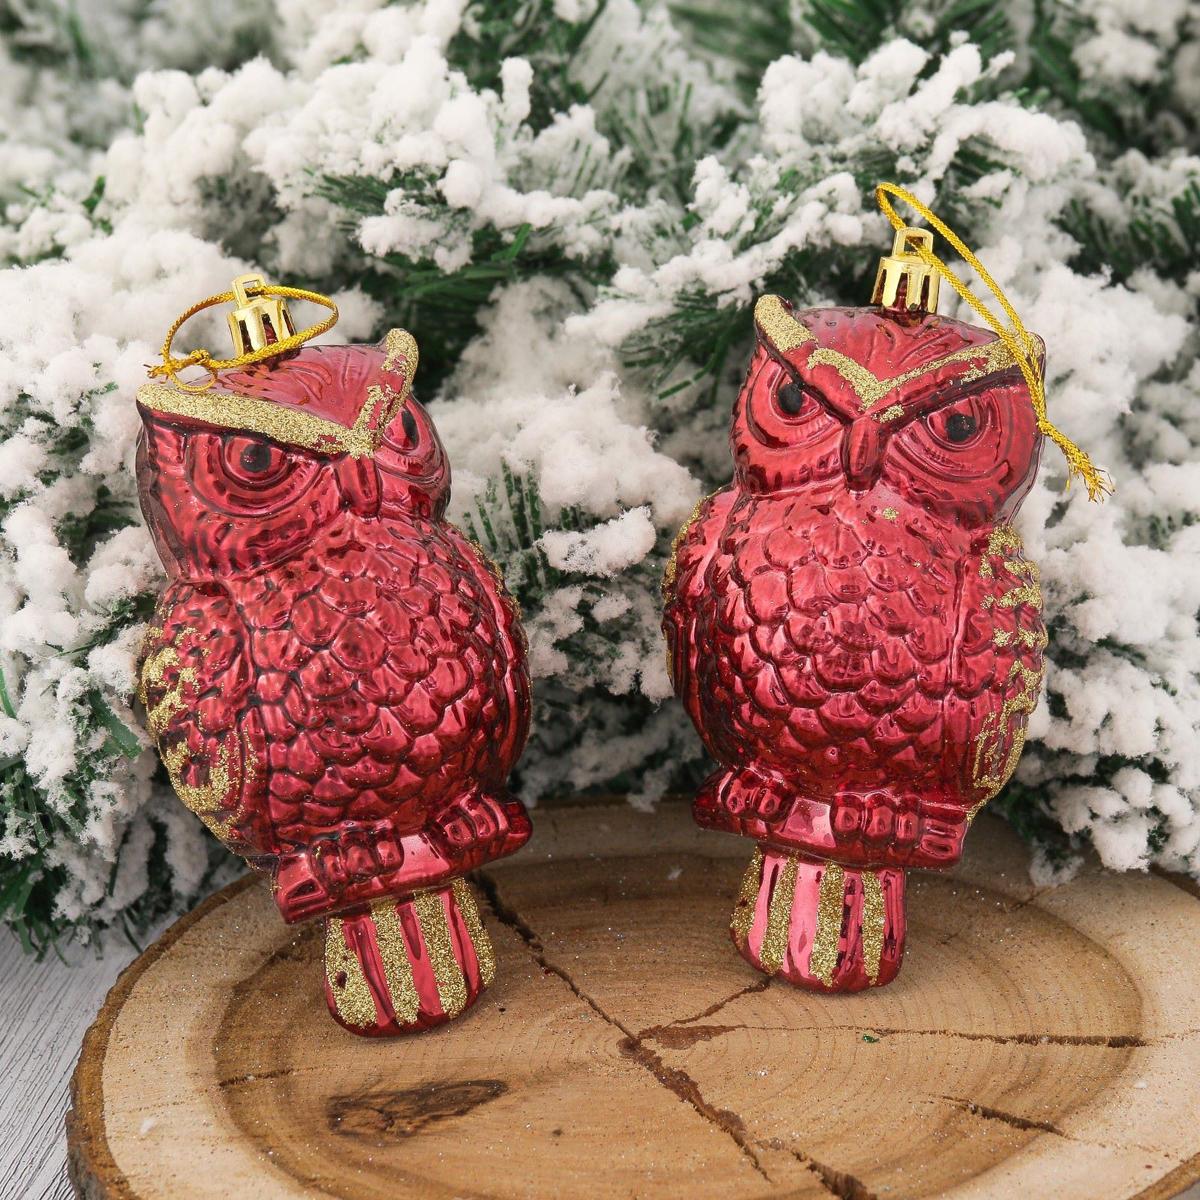 Набор новогодних подвесных украшений Филин, 11 х 6,5 х 5 см, 2 шт2123055Набор новогодних подвесных украшений отлично подойдет для декорации вашего дома и новогодней ели. С помощью специальной петельки украшение можно повесить в любом понравившемся вам месте. Но, конечно, удачнее всего оно будет смотреться на праздничной елке.Елочная игрушка - символ Нового года. Она несет в себе волшебство и красоту праздника. Такое украшение создаст в вашем доме атмосферу праздника, веселья и радости.